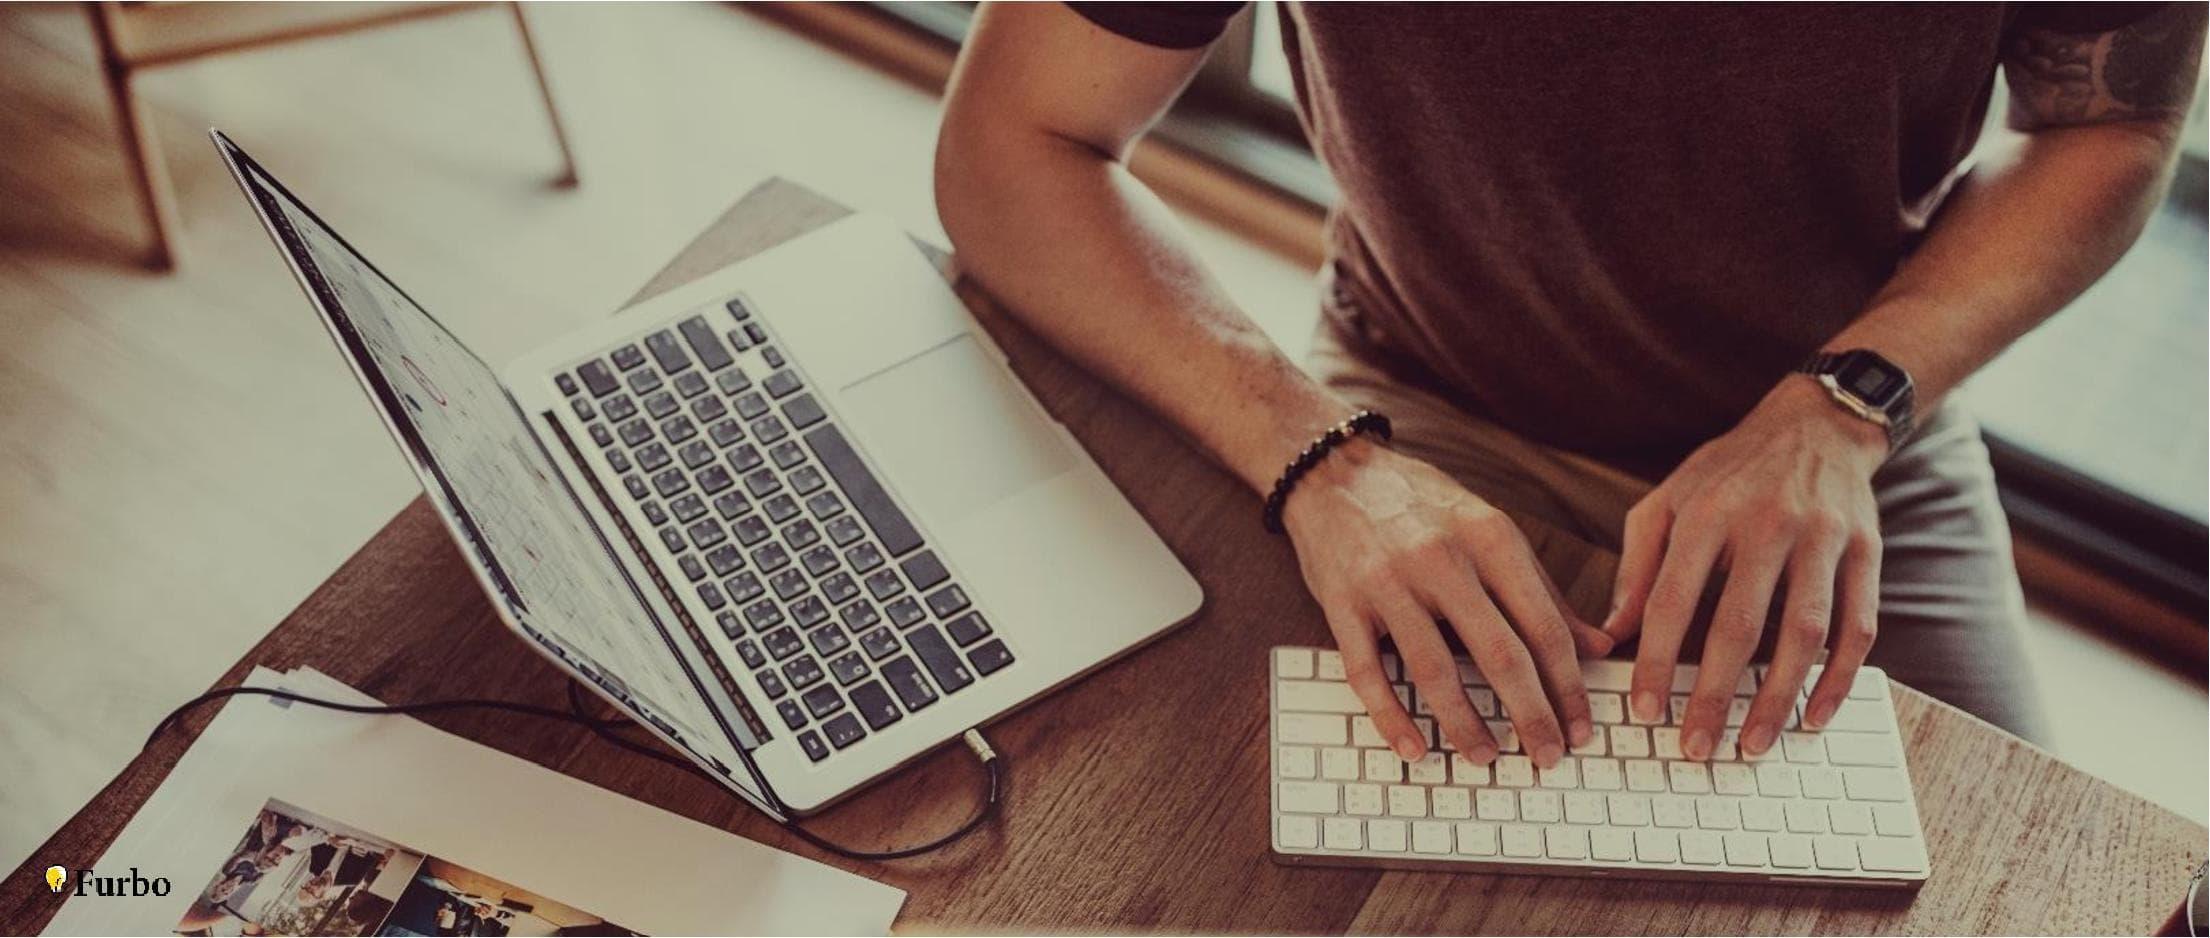 بررسی راههای کسب درآمد از اینترنت بدون سرمایه در خانه